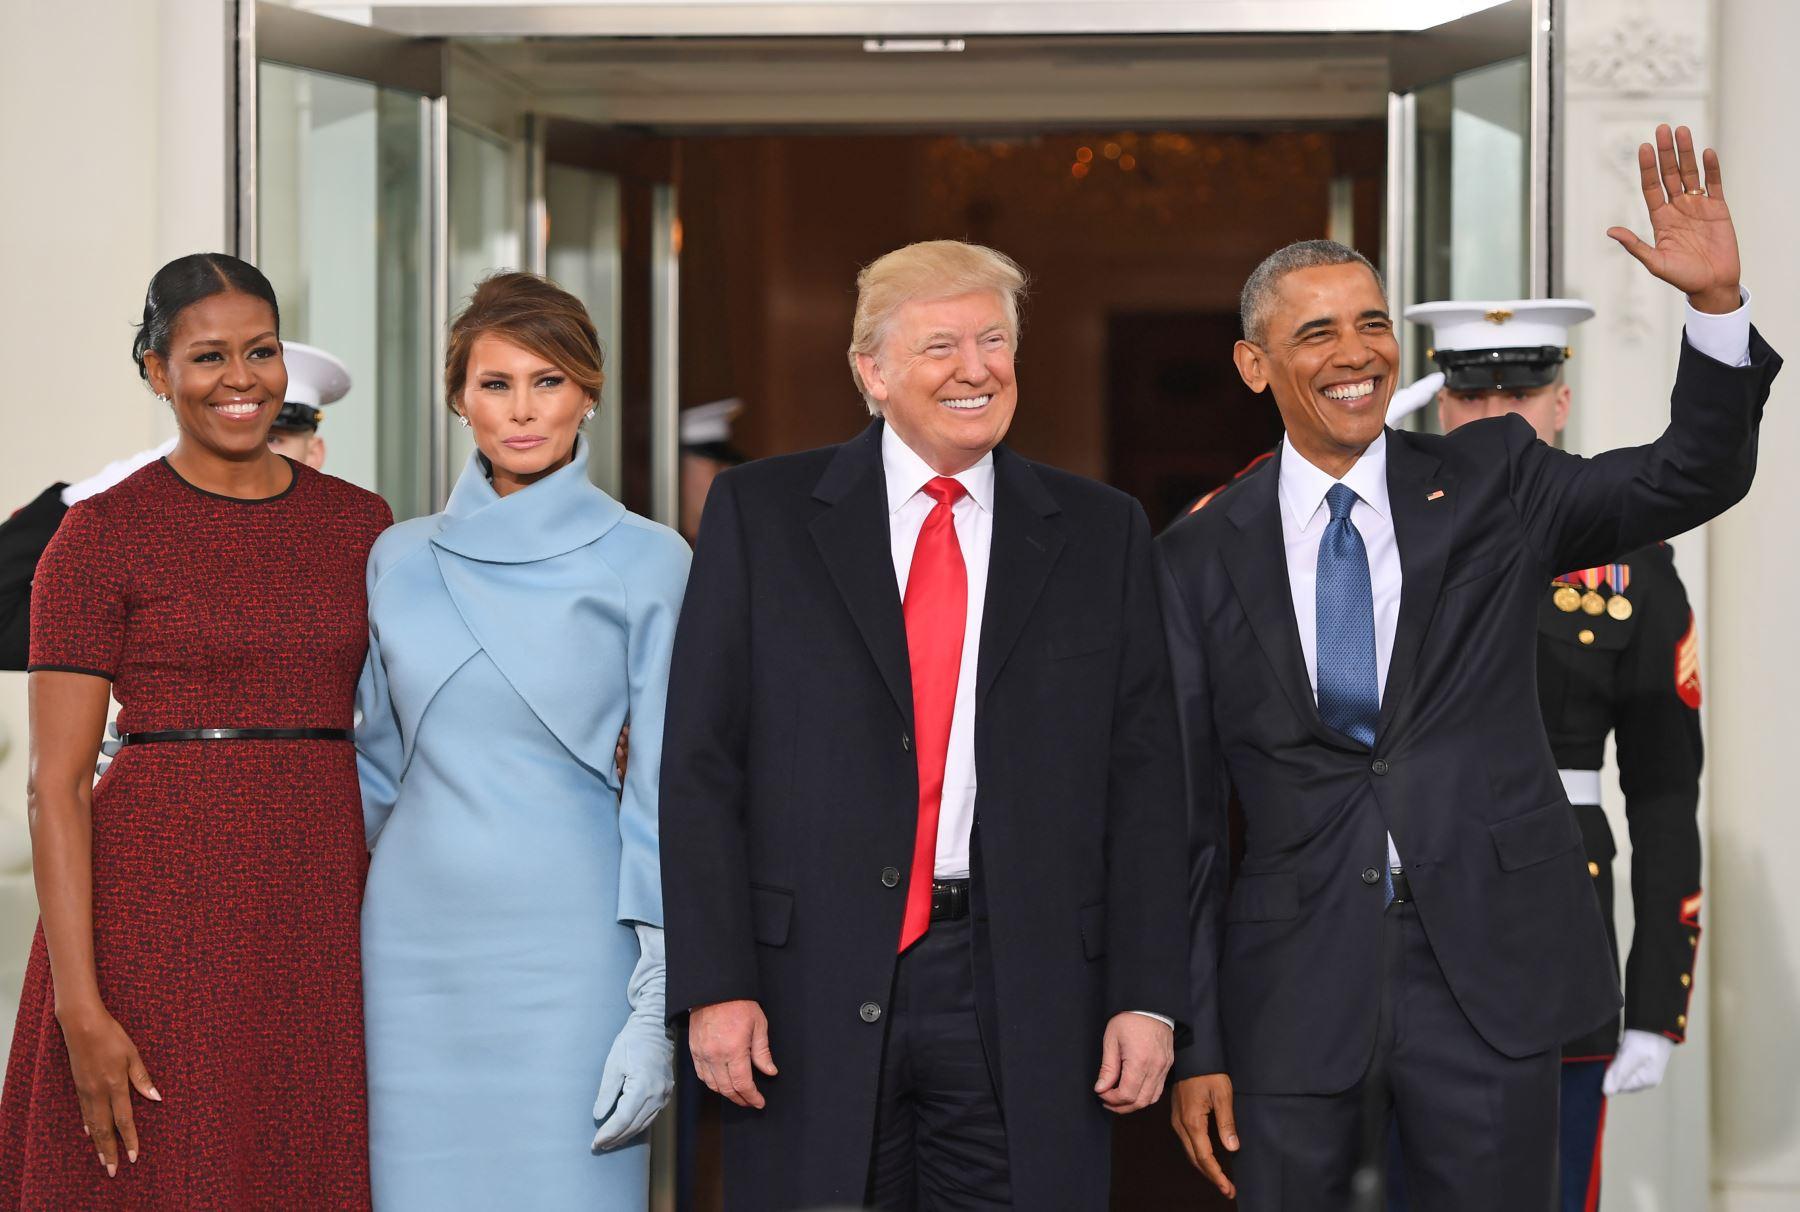 El presidente de Estados Unidos, Barack Obama, recibe al mandatario electo, Donald Trump. Foto: AFP